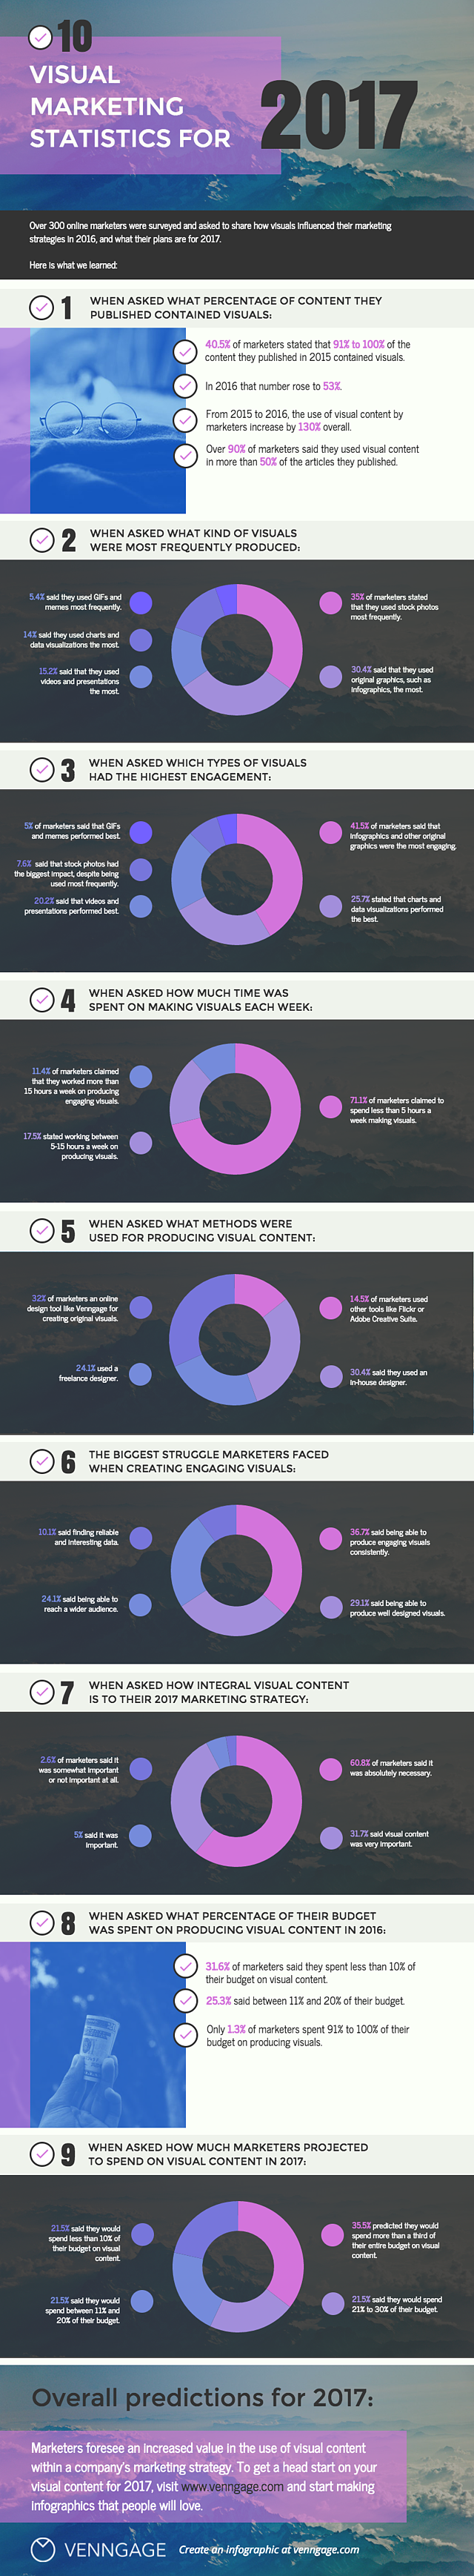 visual-content-marketing-statistics.png